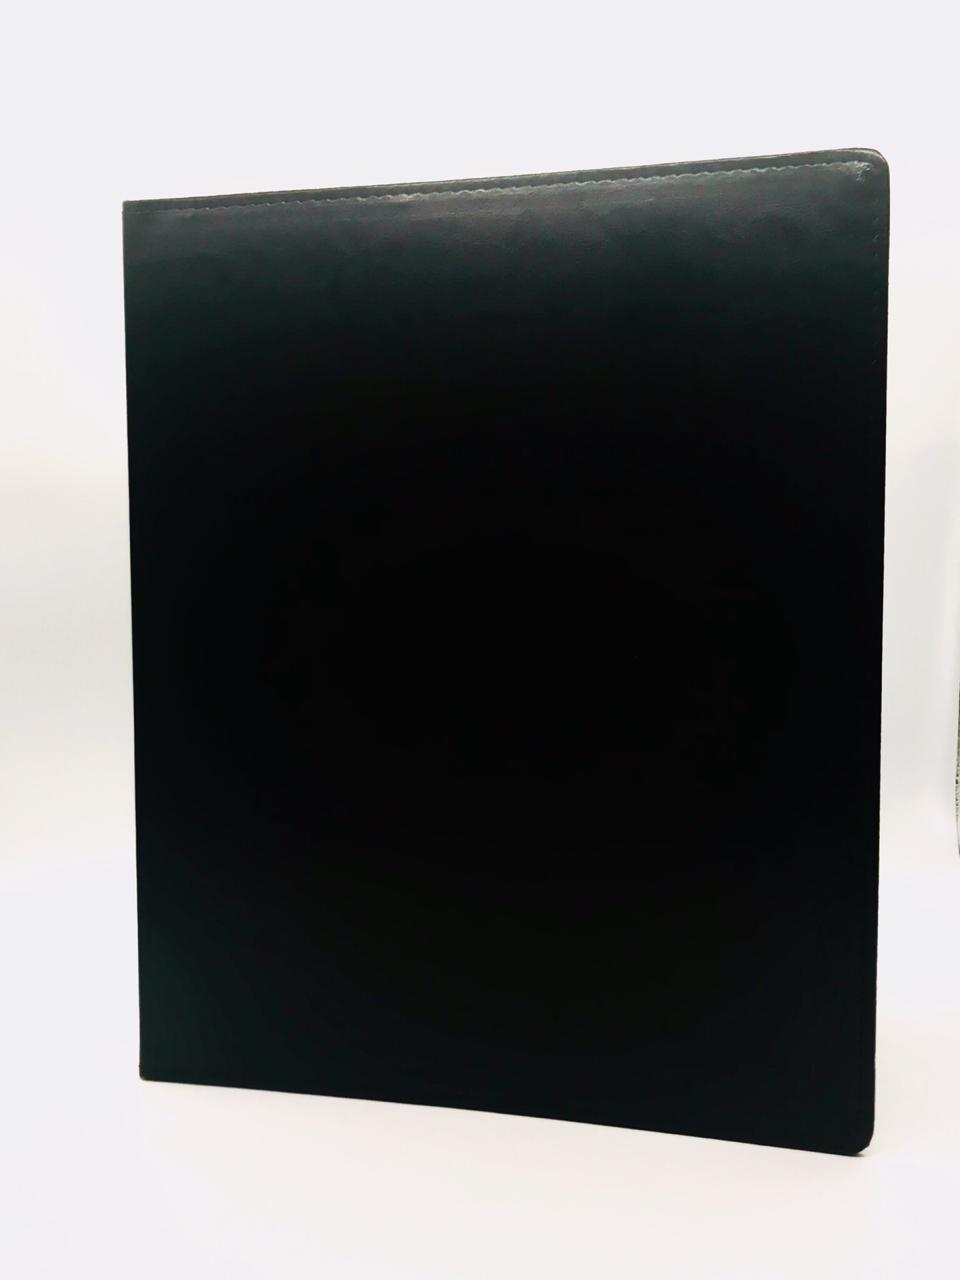 Fichário A4 para Moedas ou Cédulas 4 argolas reforçado e costurado